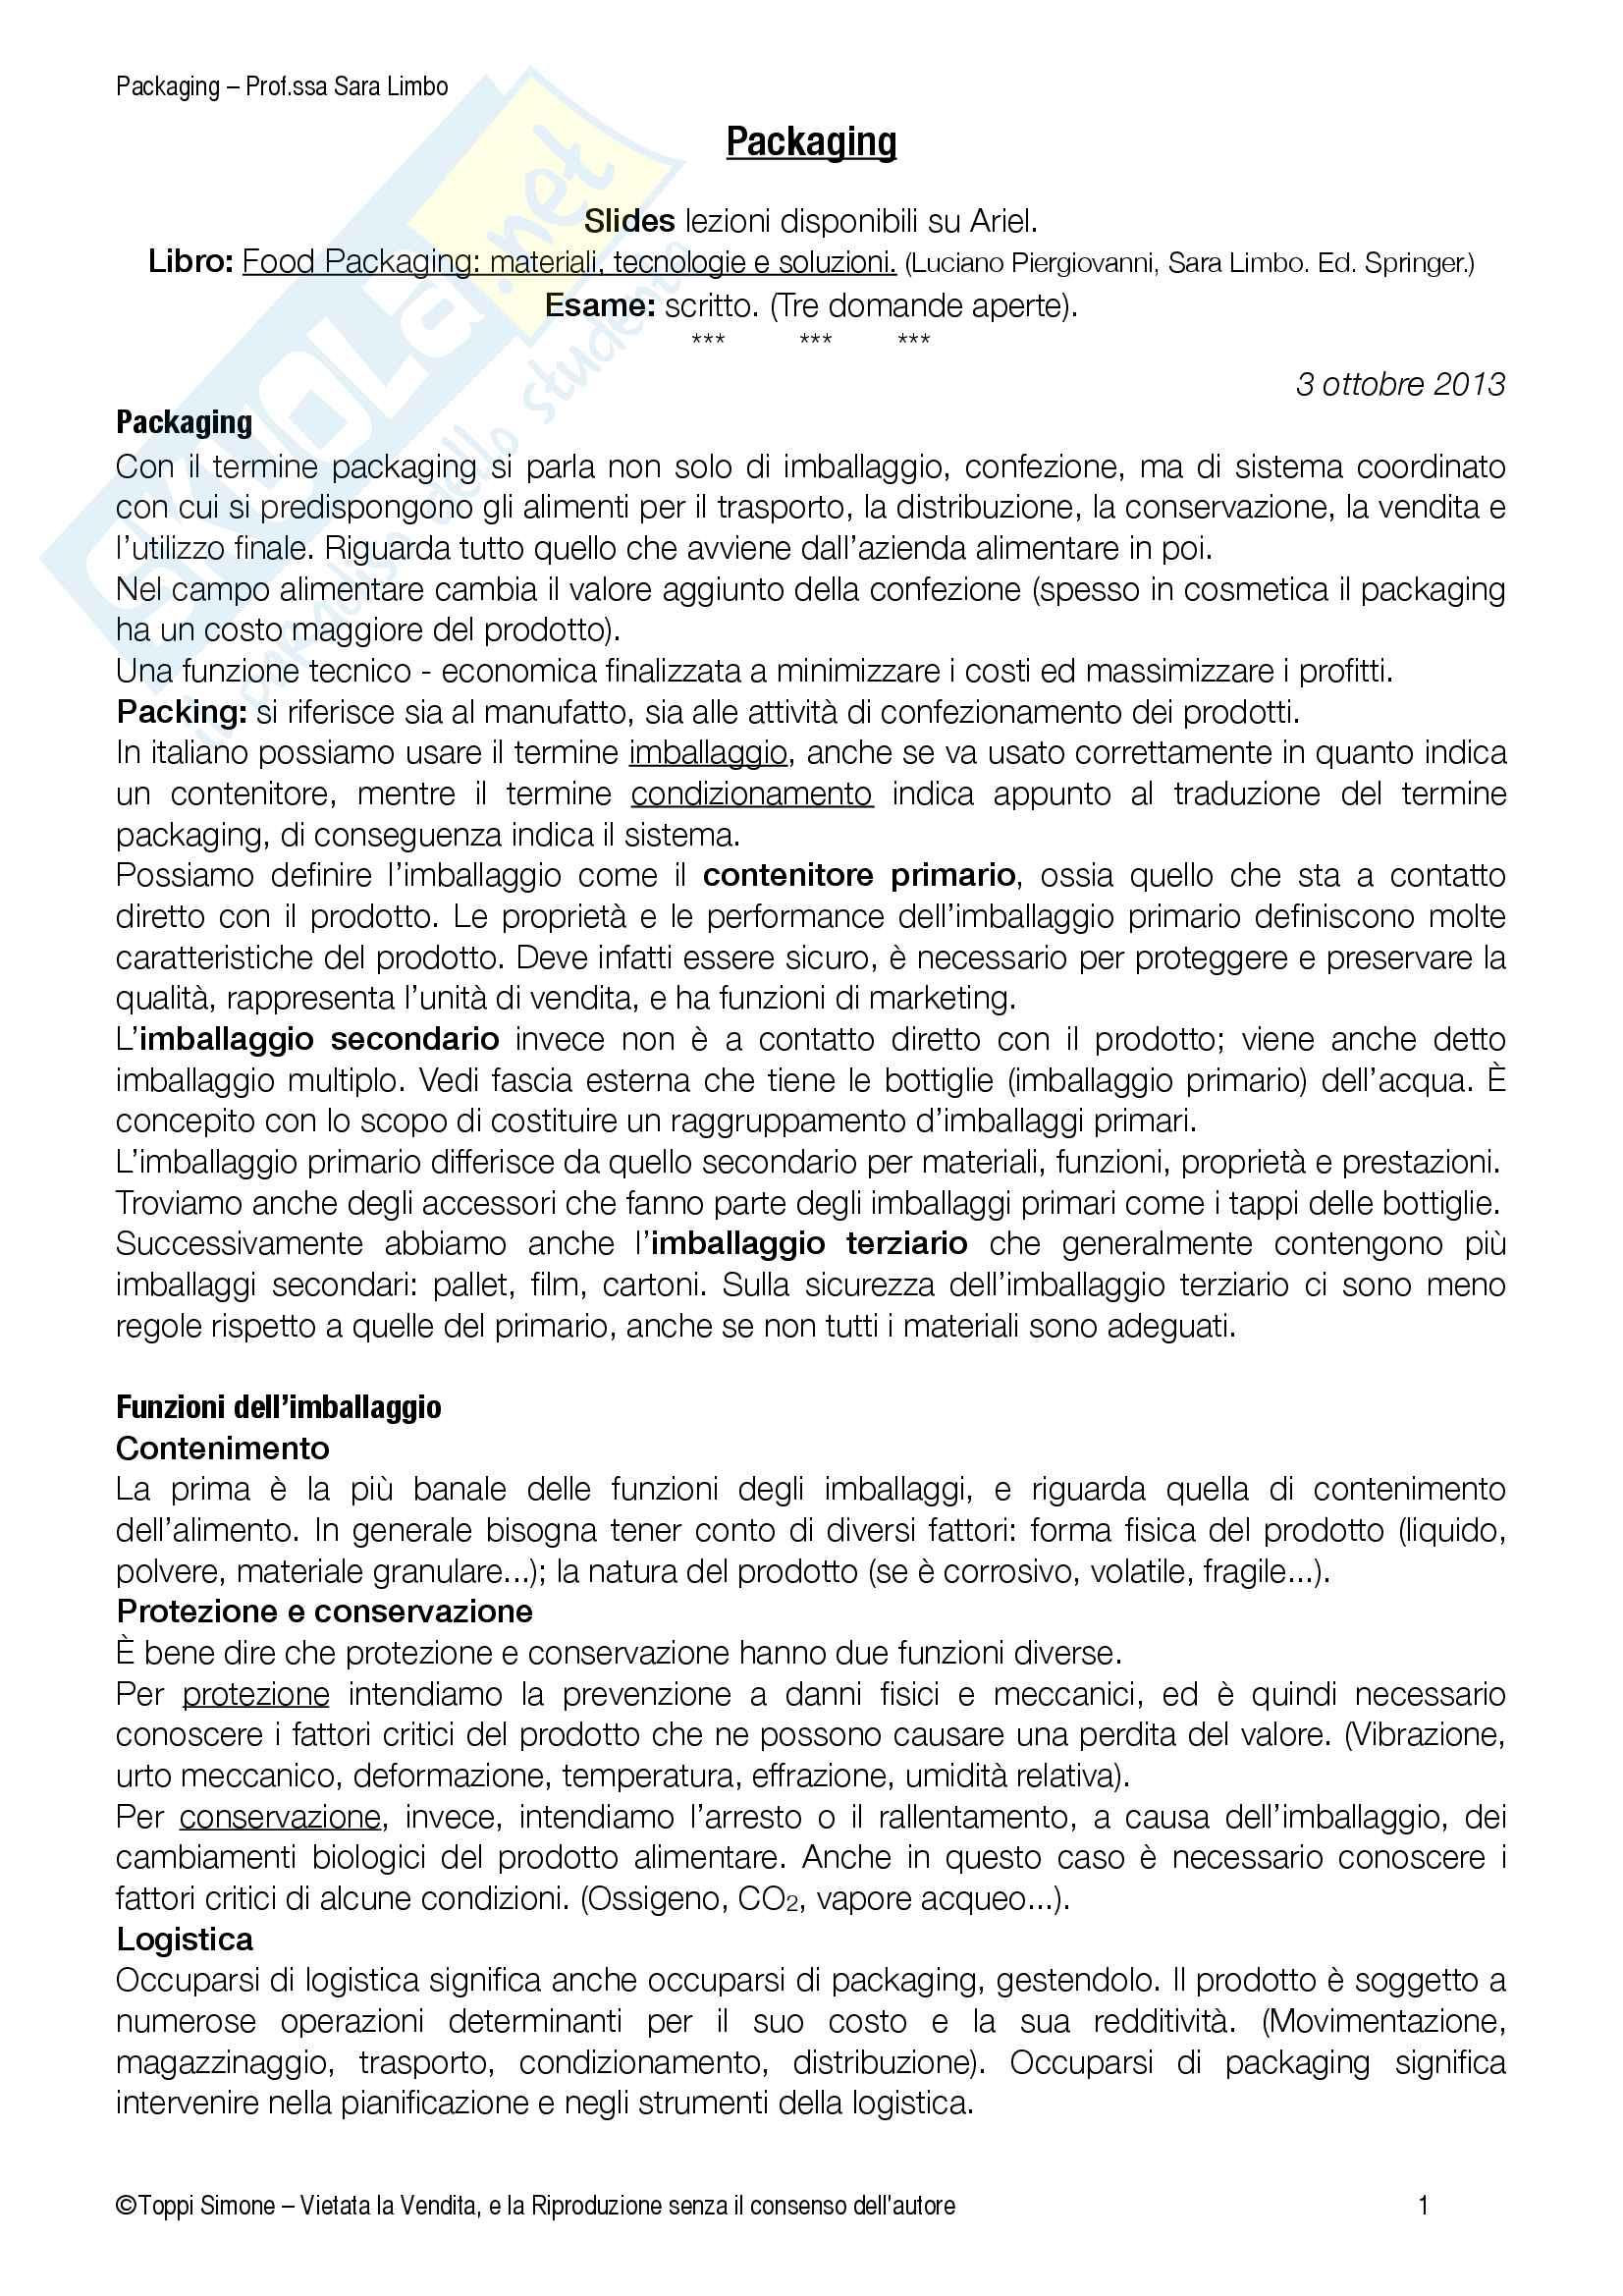 Packaging, (Processi della tecn. alimentare con elementi di packaging, MODULO 2) Pag. 2